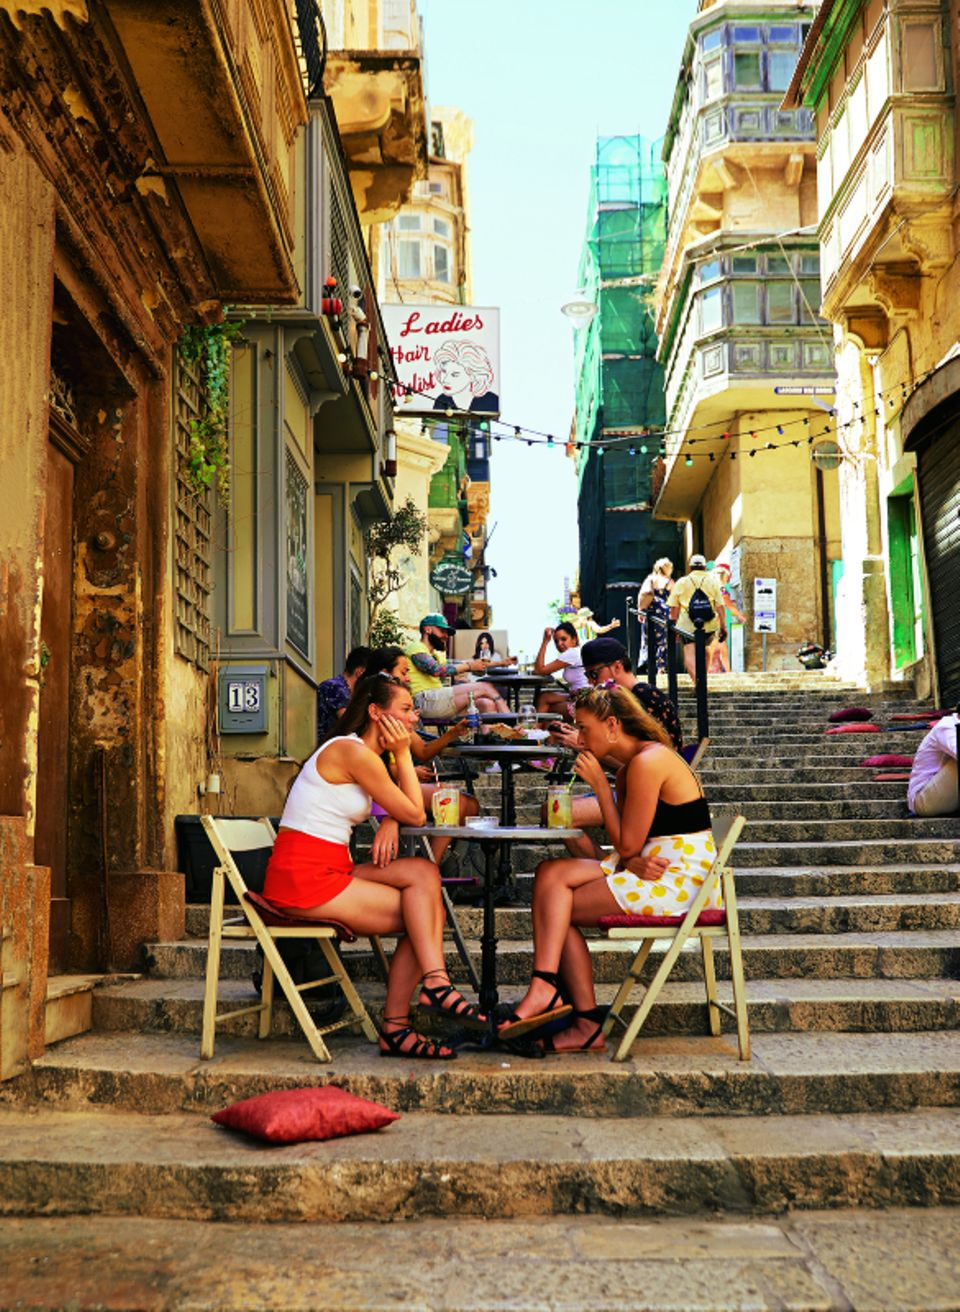 Viele der Gassen von Valletta sind Treppen, die zum Meer führen.